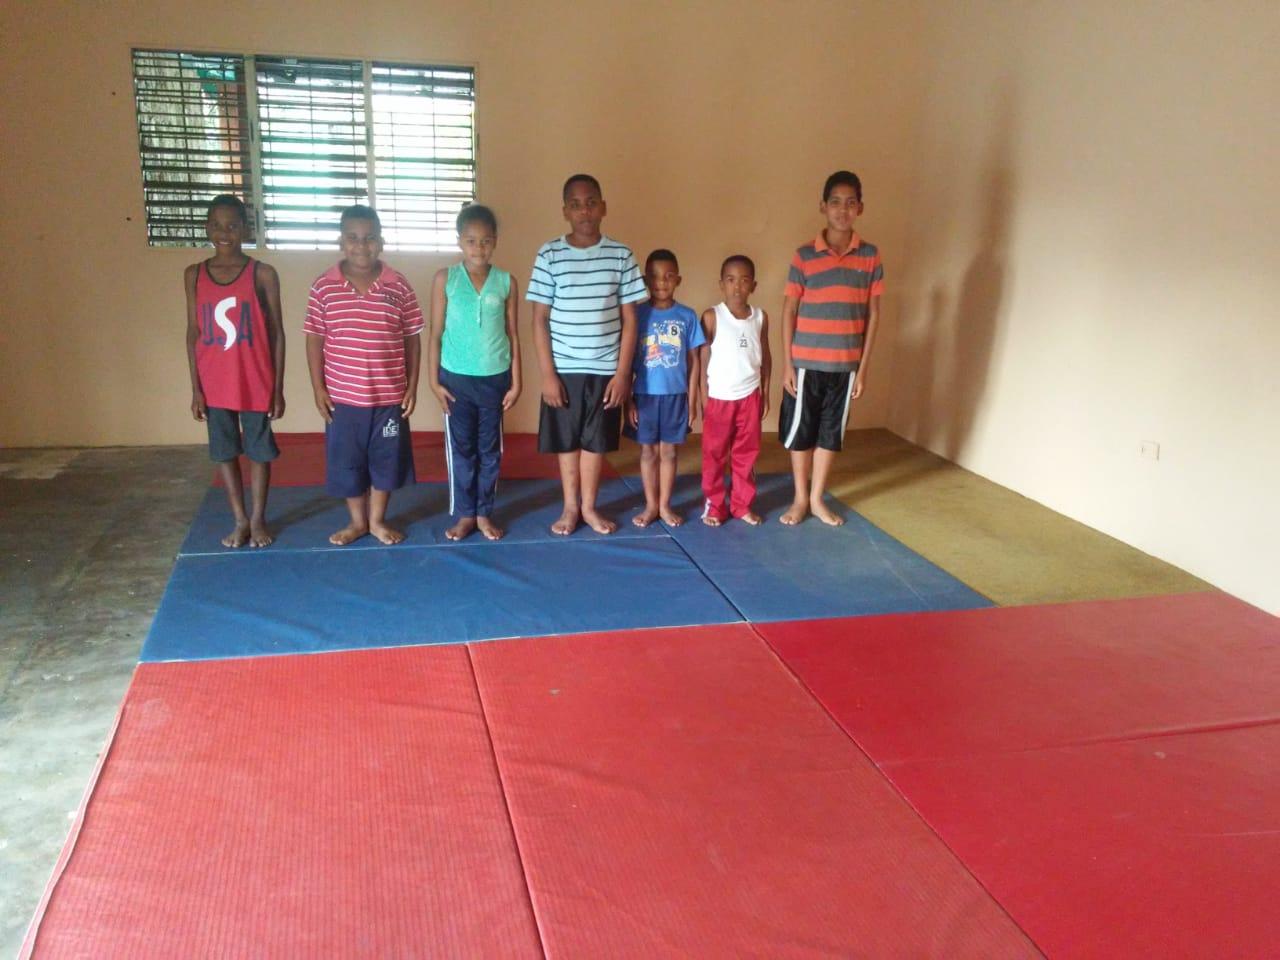 Fundación Podium y Valores auspicia apertura escuela de Judo